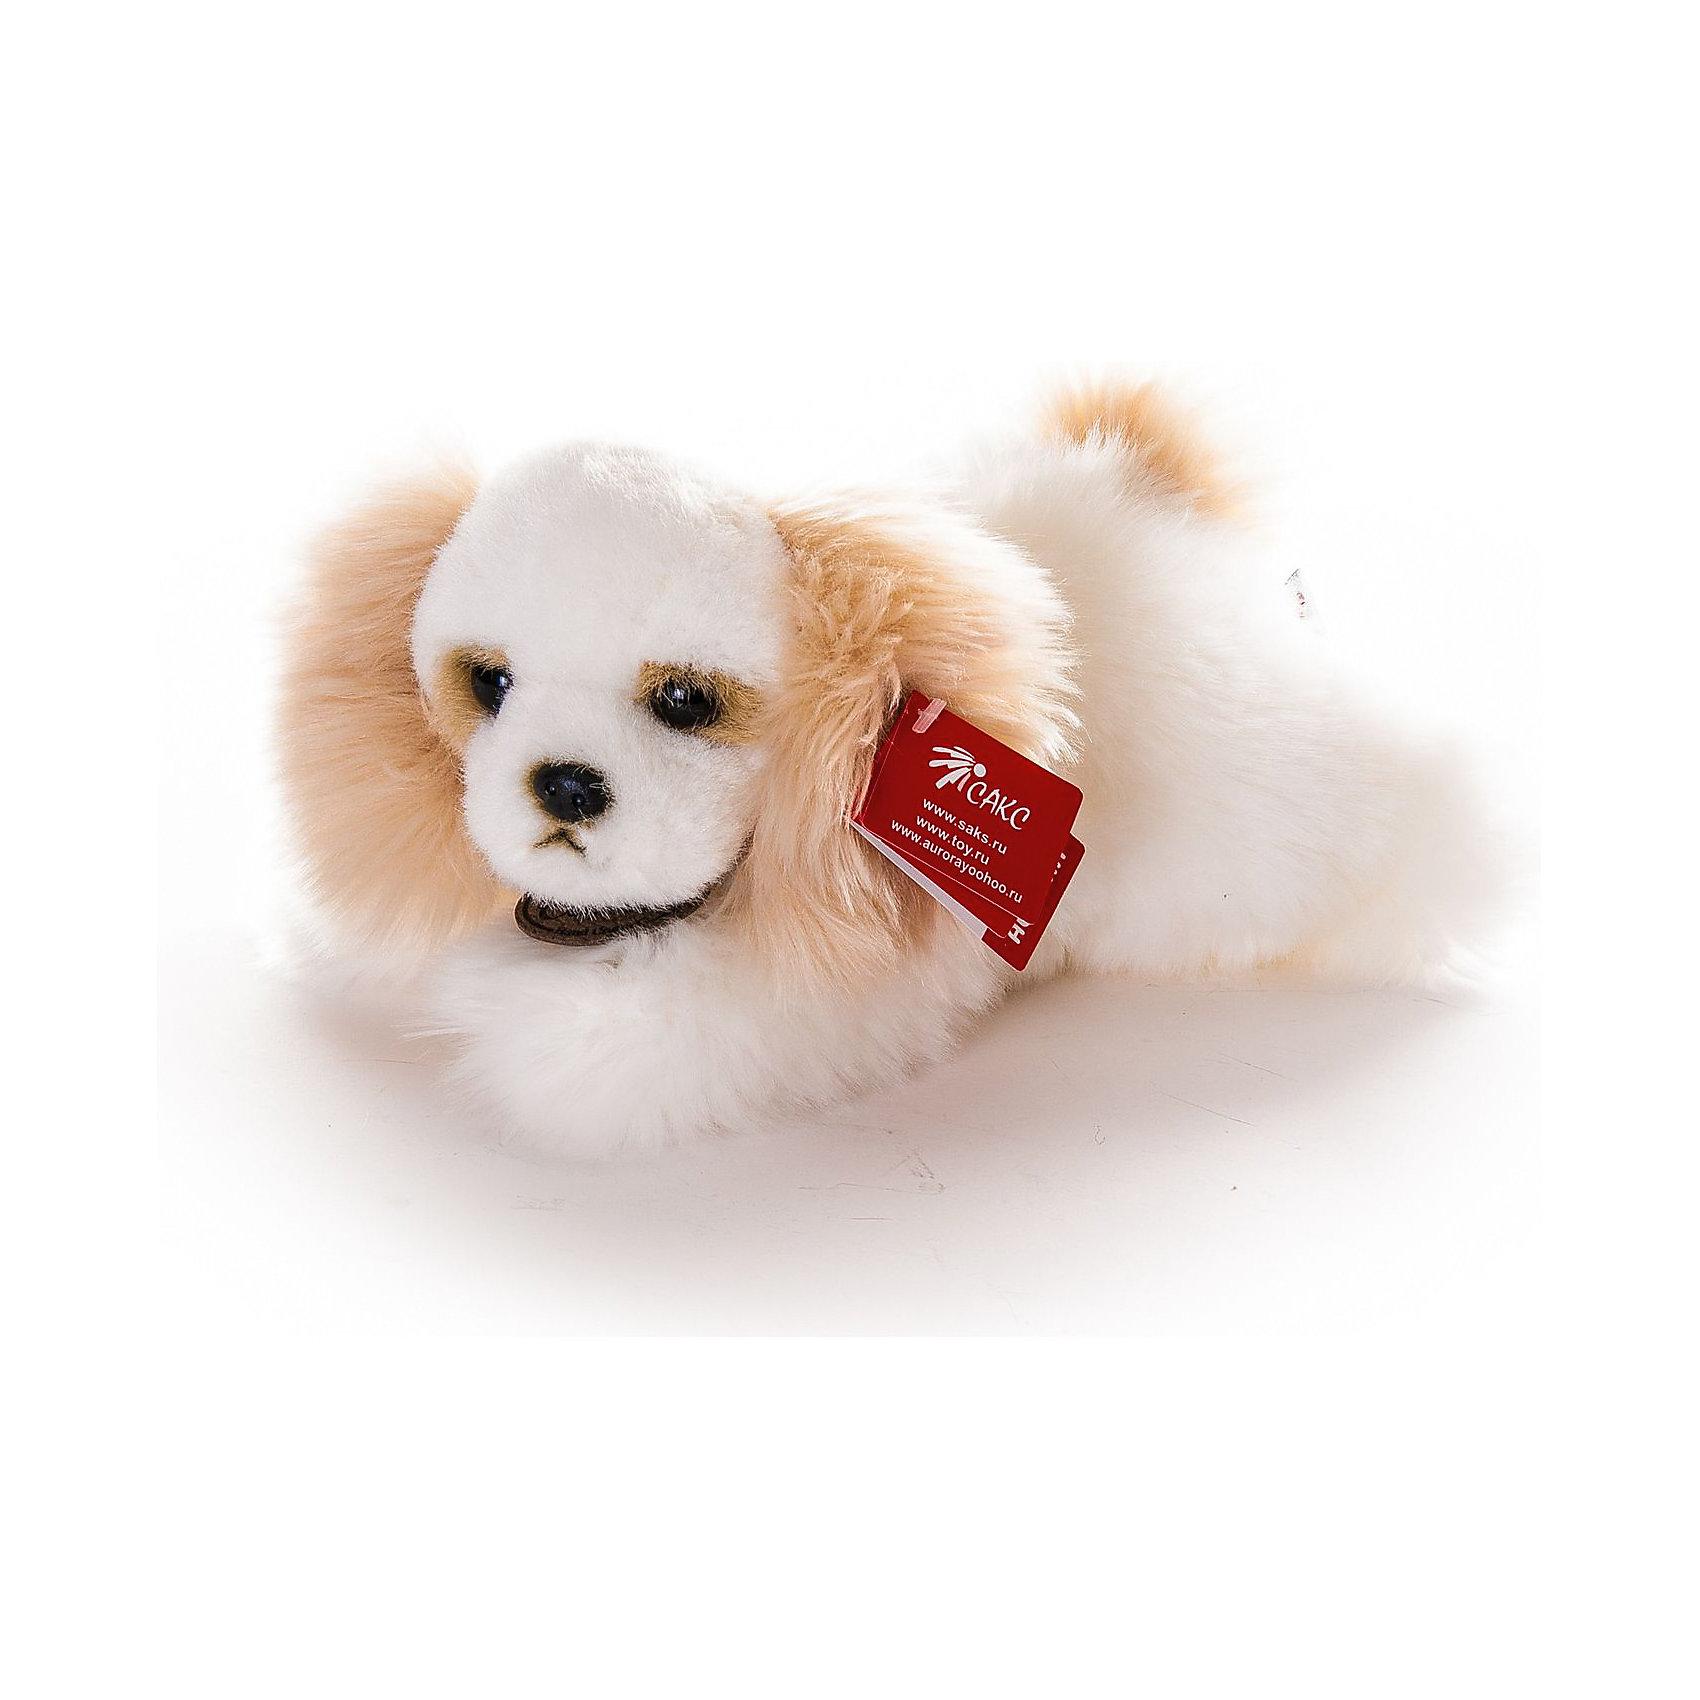 Кокер-спаниель классический, 25 см, AURORAКошки и собаки<br>Кокер-спаниель классический, 25 см, AURORA (Аврора) станет малышу настоящим другом, с которым можно весело играть днем и уютно засыпать ночью. Игрушечный песик составит приятную компанию малышу на прогулке. Шерстка щенка мягкая и шелковистая, поэтому ребенку будет очень приятно держать игрушку в руках. Игрушка очень приятная на ощупь, содержат специальные пластмассовые гранулы, развивающие тактильные навыки у детей младшего возраста.<br>Игрушка изготовлена из высококачественного плюша, набивка - гипоаллергенный синтепон. Яркие и стойкие цвета приятны для глаз. Не стоит расстраиваться, если малыш ненароком испачкал своего плюшевого друга, ведь игрушку можно стирать при температуре не выше 30?, разрешена машинная и ручная стирка. Производители заботятся о безопасности вашего малыша, поэтому пластмассовые глаза надежно прикреплены к мордочке щенка. С этой игрушкой ребенок может разыгрывать любые сюжеты, благодаря чему у него будет развиваться фантазия, воображение, а также навыки сюжетно-ролевой игры.<br><br>Дополнительная информация:<br><br>- Материалы: плюш, синтепон<br>- Размер игрушки: 25 см.<br><br>Кокер-спаниеля классического, 25 см, AURORA (Аврора) можно купить в нашем интернет-магазине.<br><br>Ширина мм: 240<br>Глубина мм: 120<br>Высота мм: 120<br>Вес г: 210<br>Возраст от месяцев: 36<br>Возраст до месяцев: 120<br>Пол: Унисекс<br>Возраст: Детский<br>SKU: 3624952